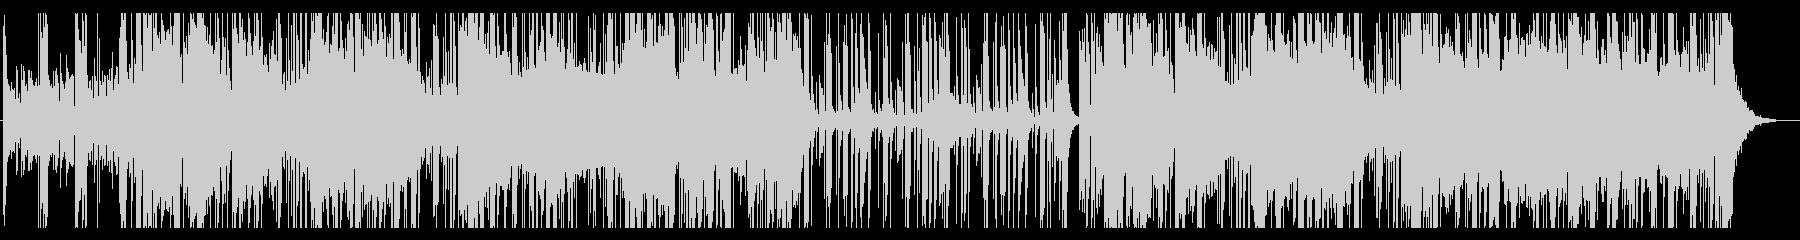 夜に合うクールなエレクトロ・フュージョンの未再生の波形